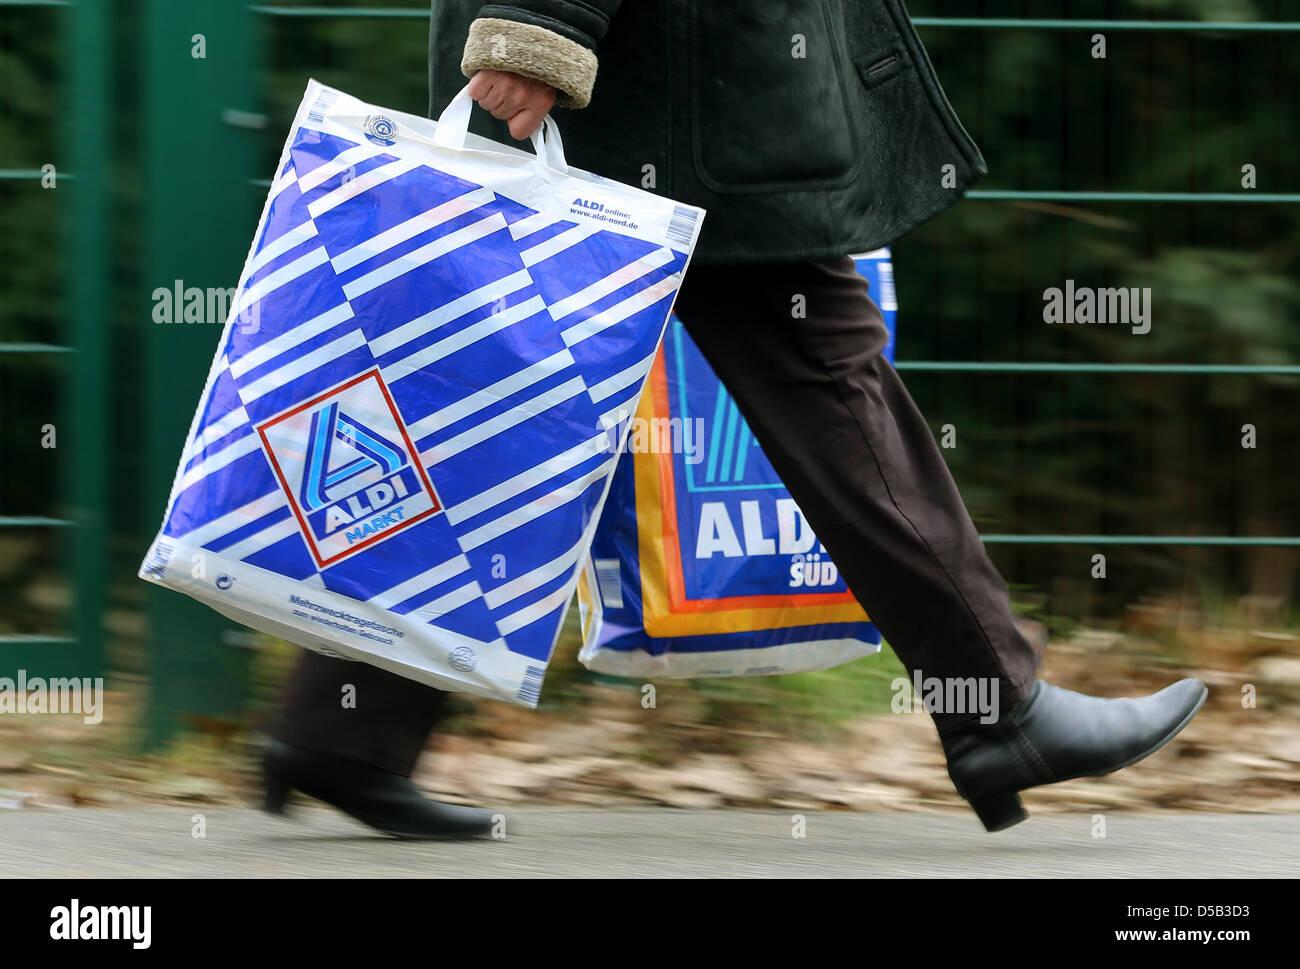 Aldi Nord Kühlschrank Mit Gefrierfach : Aldi bag stockfotos aldi bag bilder alamy